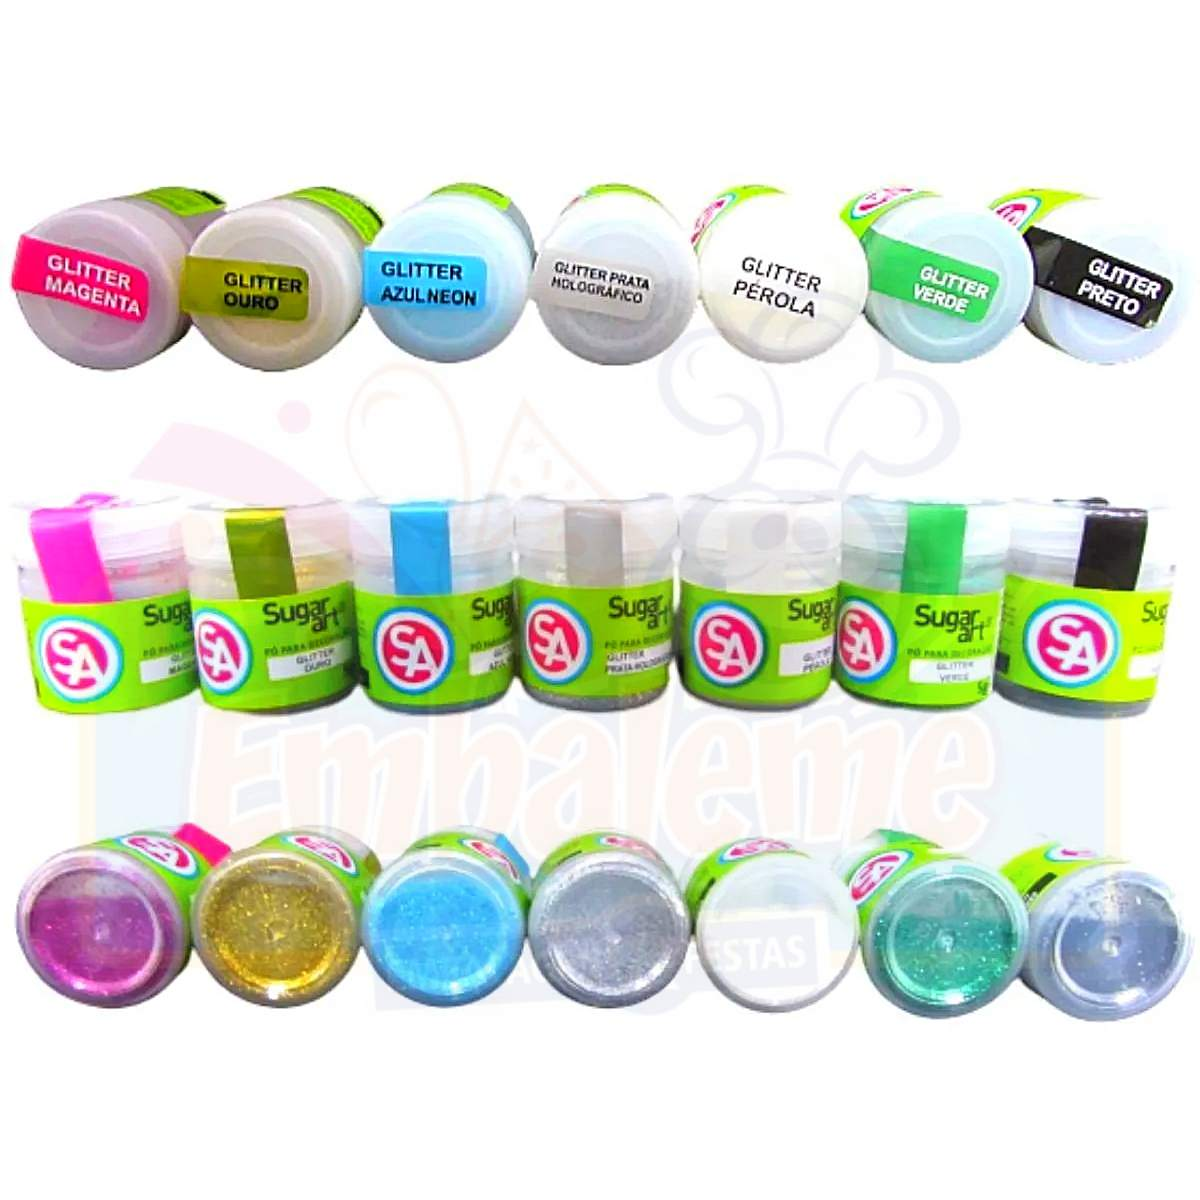 Glitter Comestível Decoração Bolo Sugar Art 5g - Kit de 5 unidades